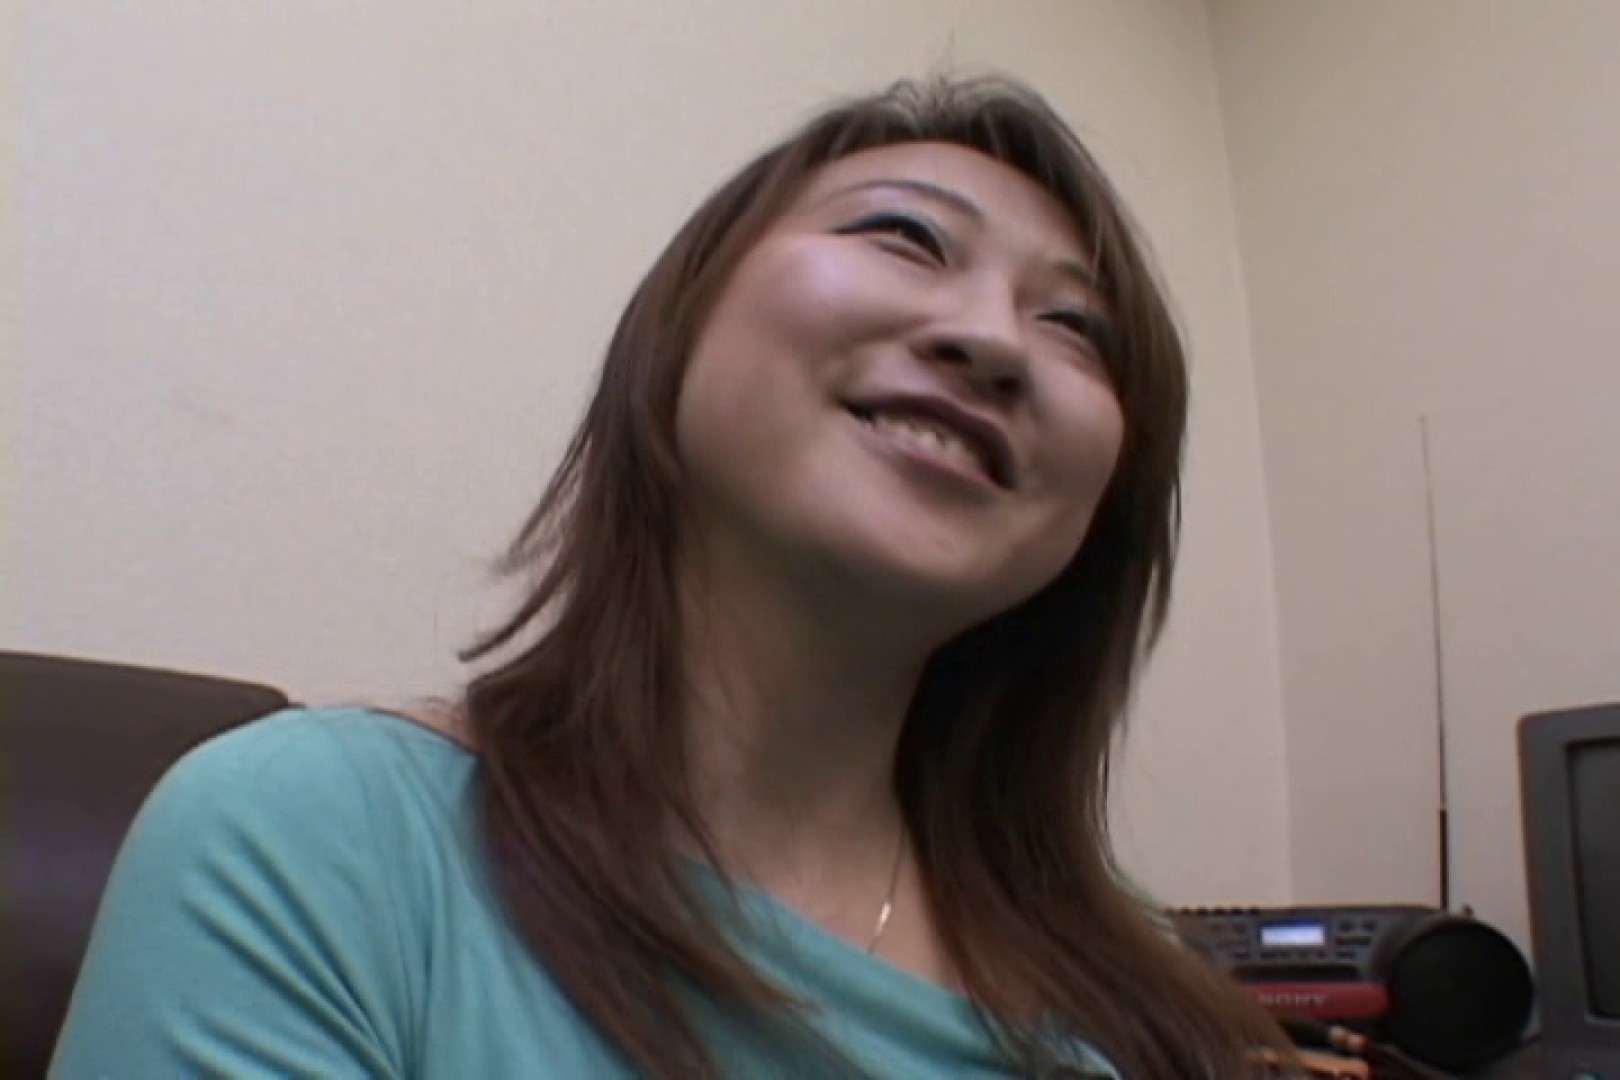 オナニー好きの綺麗なお姉さんと楽しくSEX~姫野あかね~ フェラ エロ無料画像 83枚 38